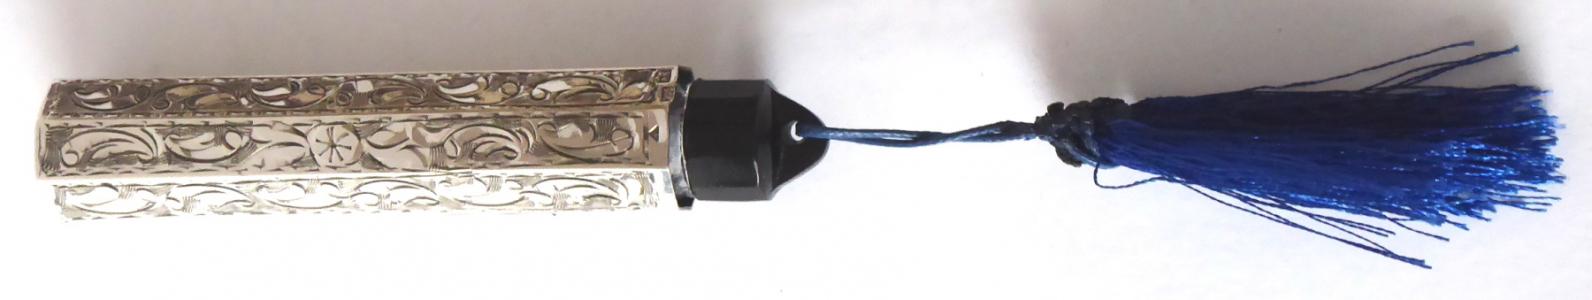 Gravírovaný stříbrný flakon, černý uzávěr, modrý střapec (1).JPG